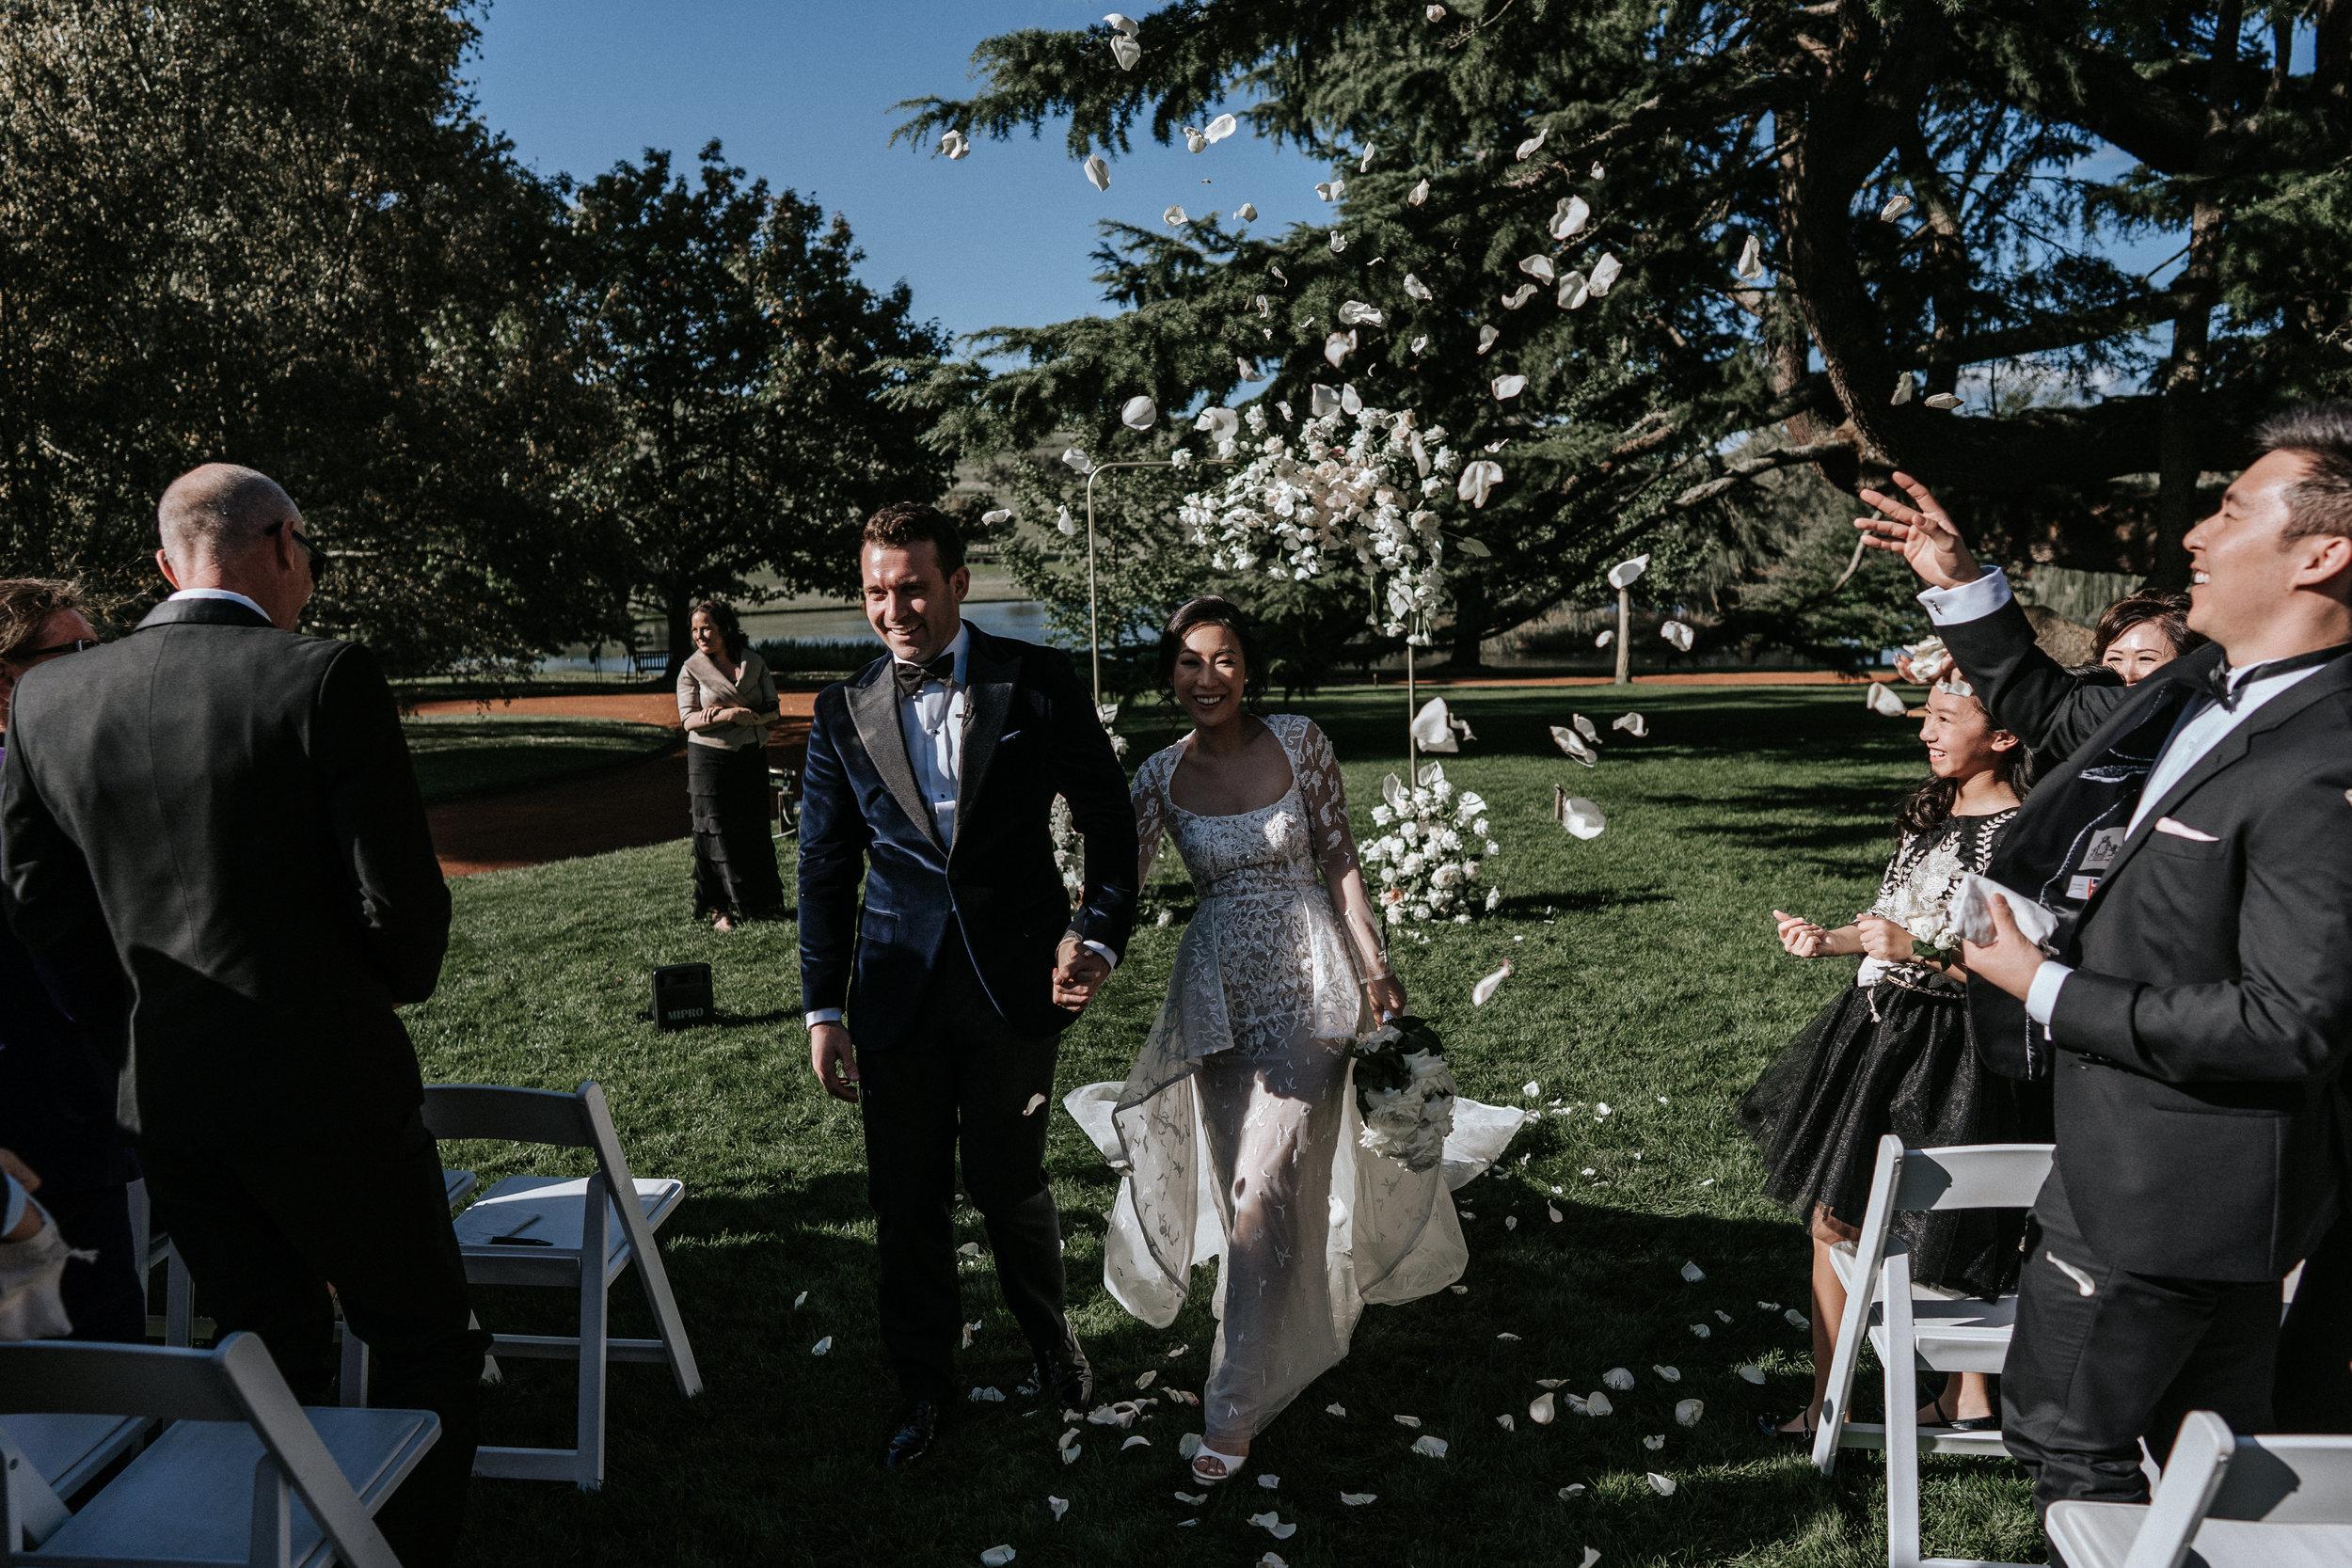 linda-rudi-fenton-wedding-238.jpg